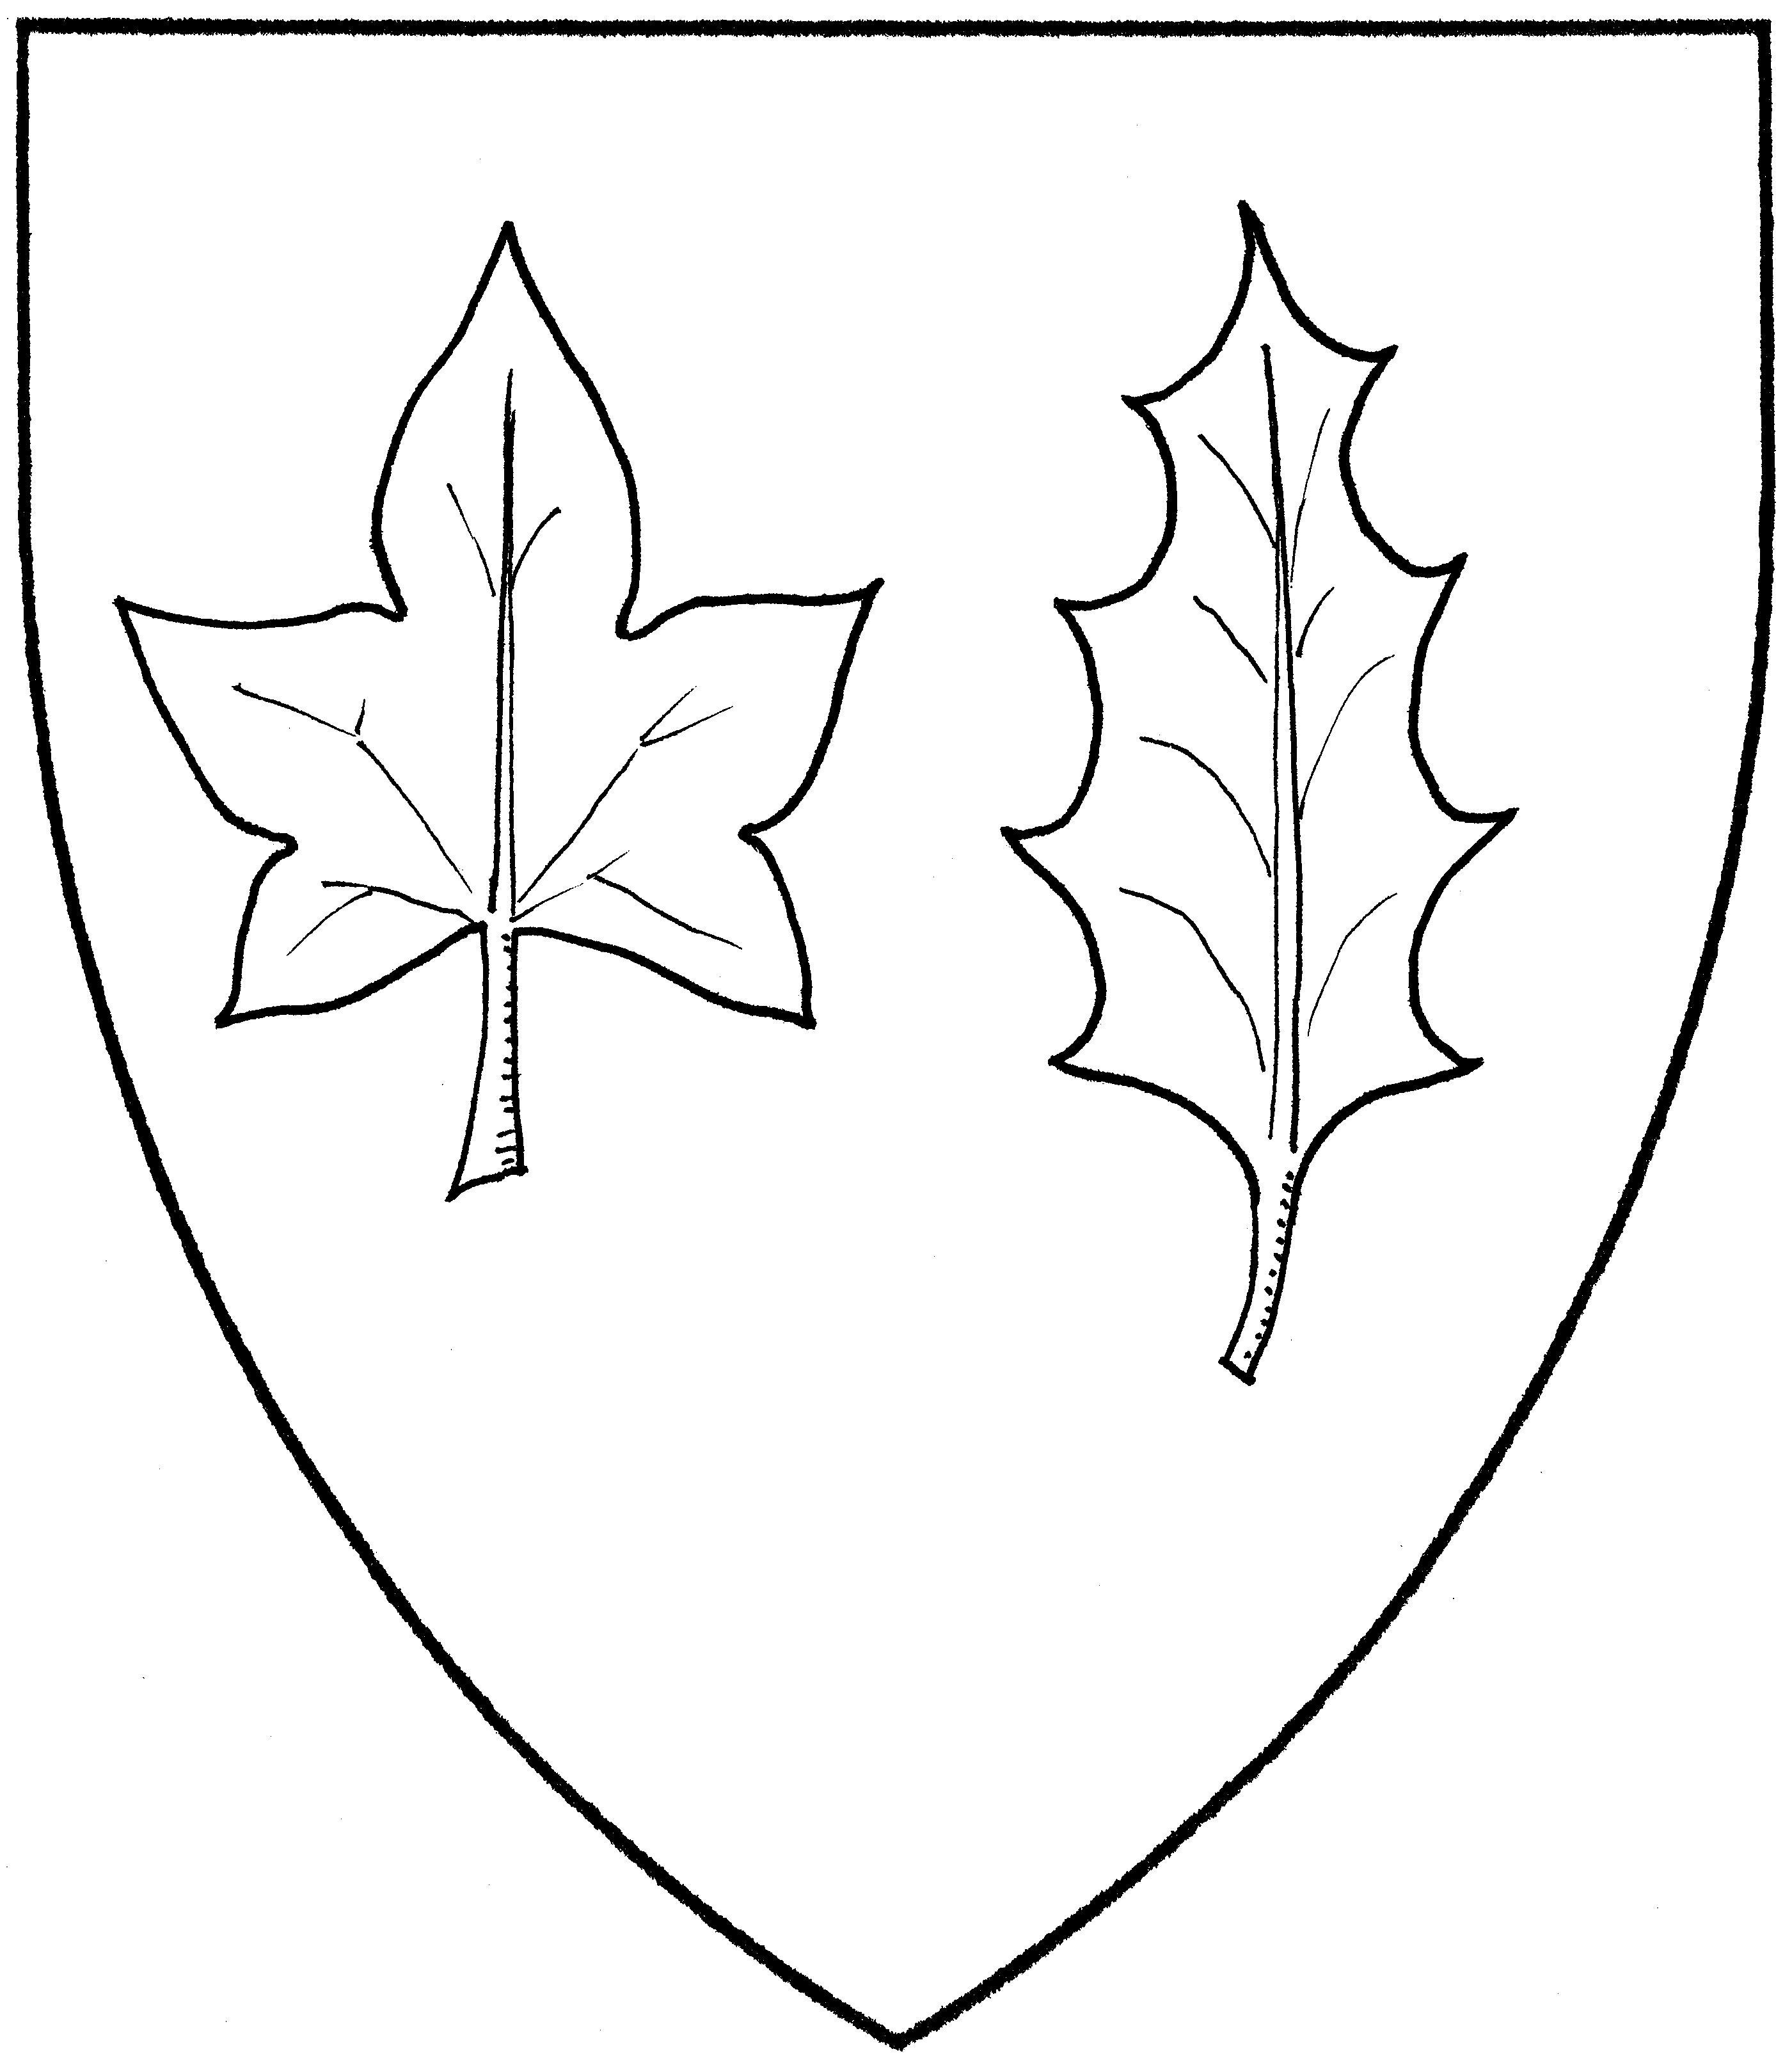 Drawn ivy ivy leaf For (Period) (Period); Ivy leaf